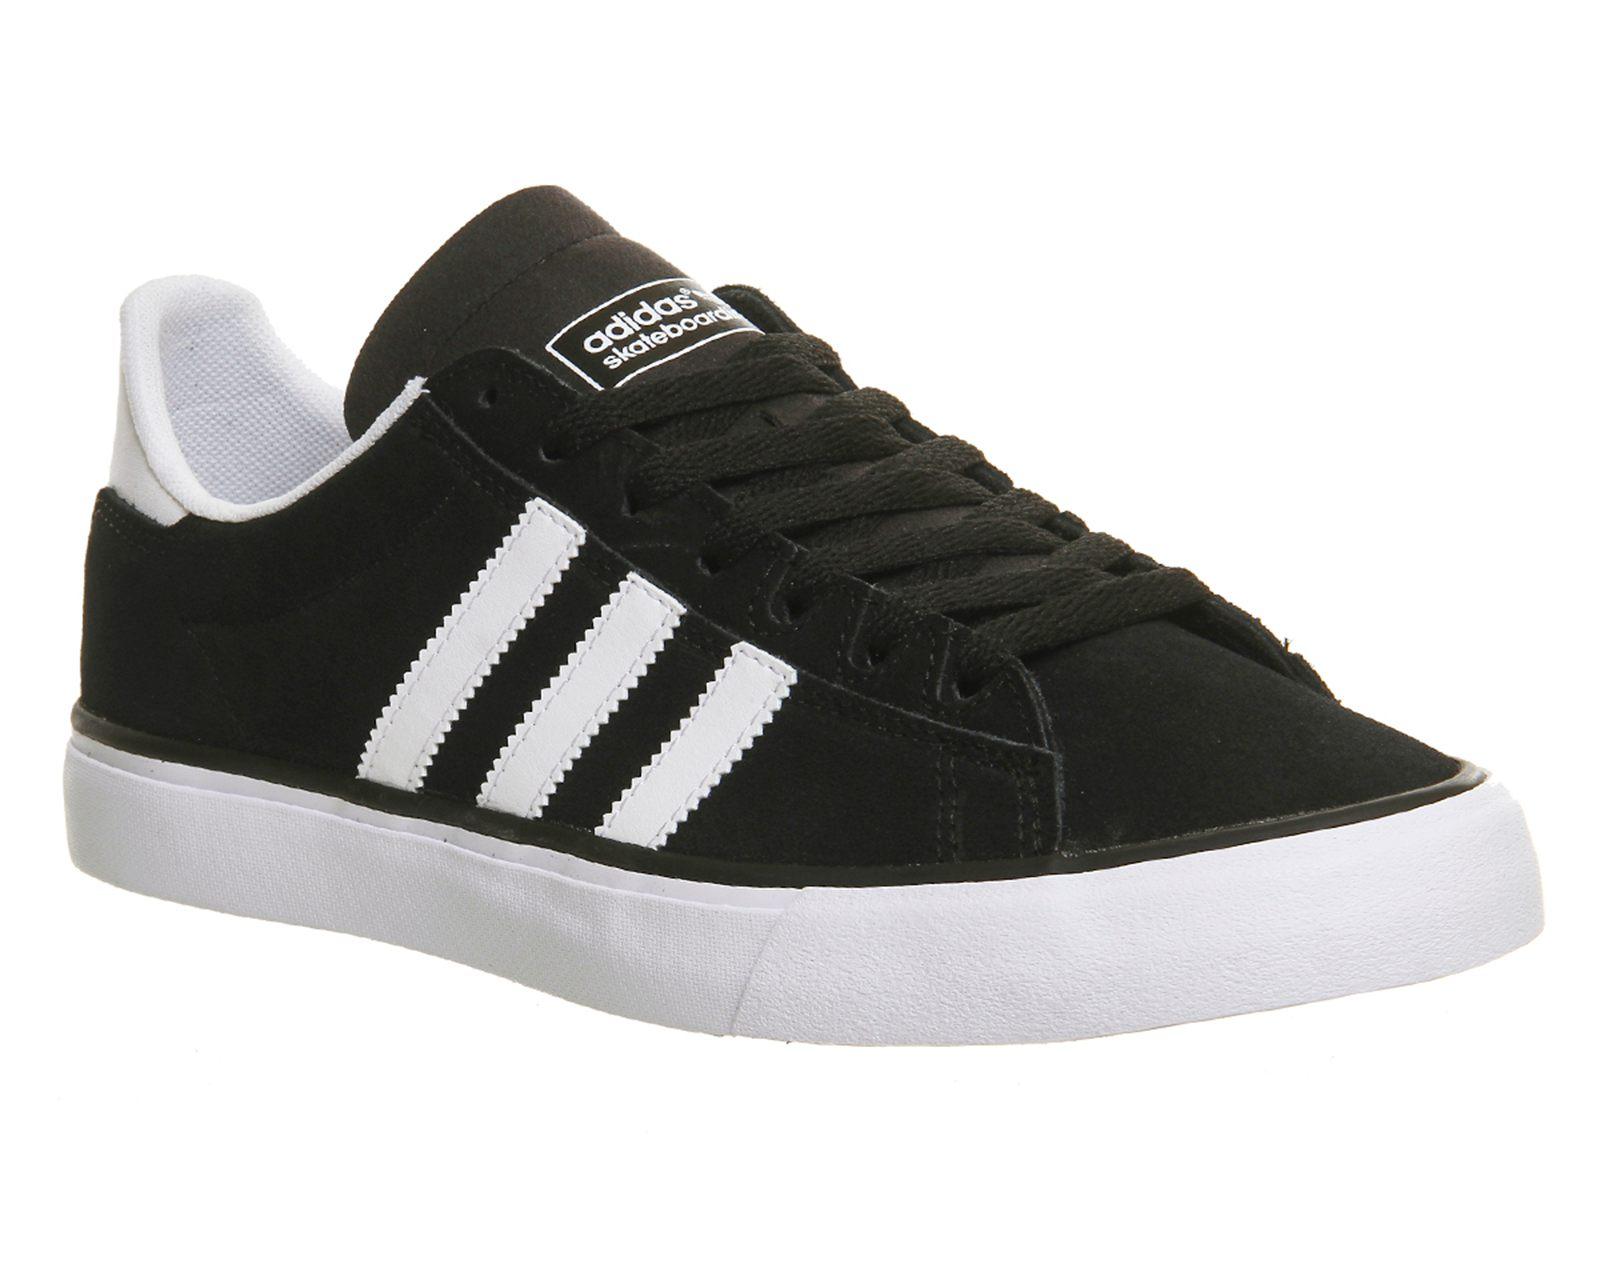 adidas campus vulc ii womens trainers (black white gum) - sh9967352 PFJOQHU